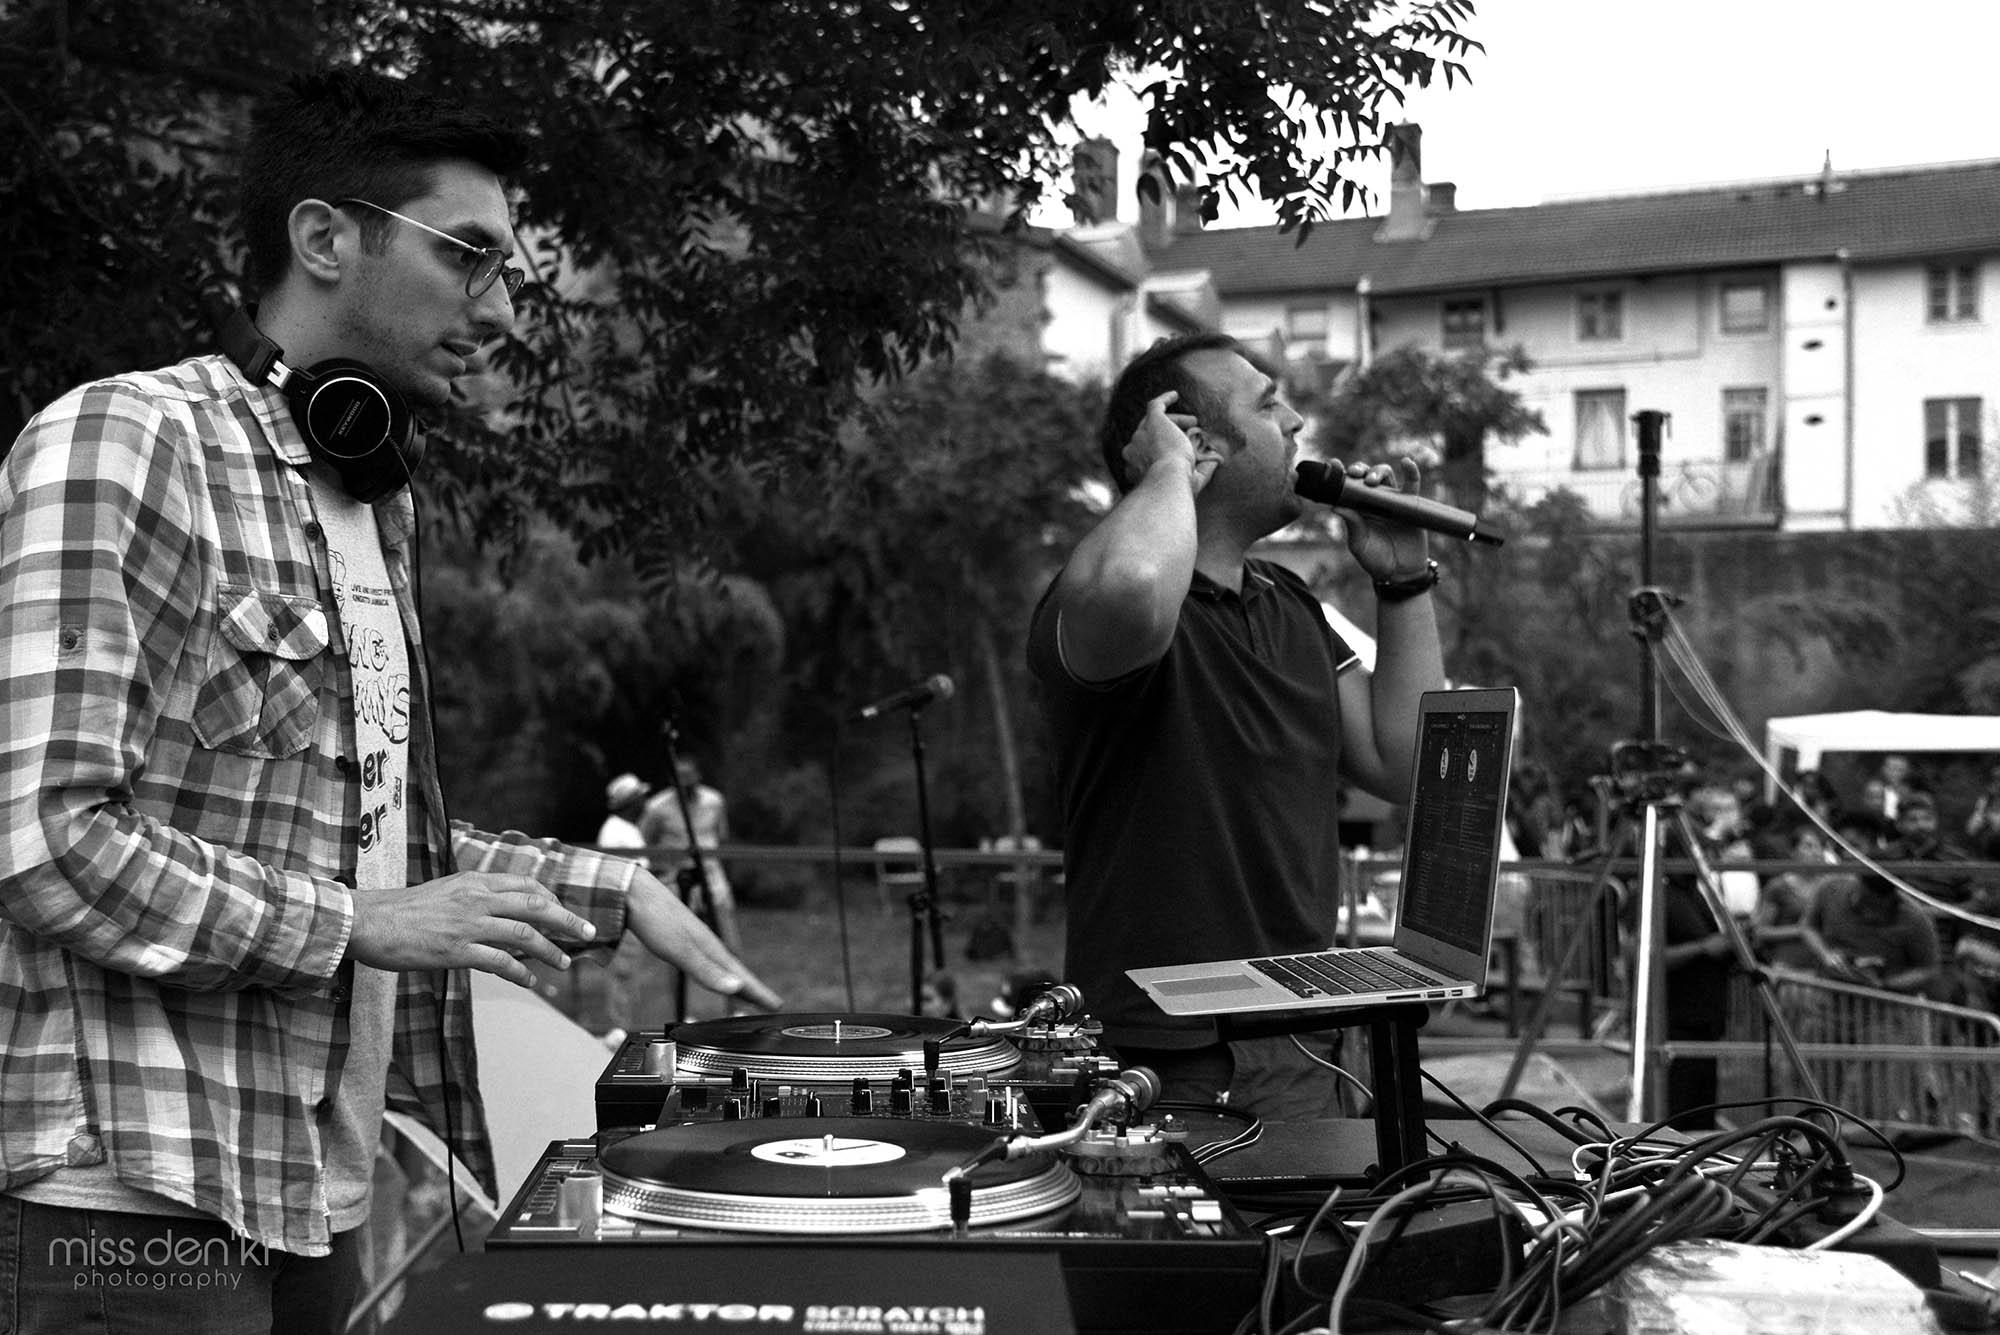 Fete-Musique-2019-Tropical-Urban-43